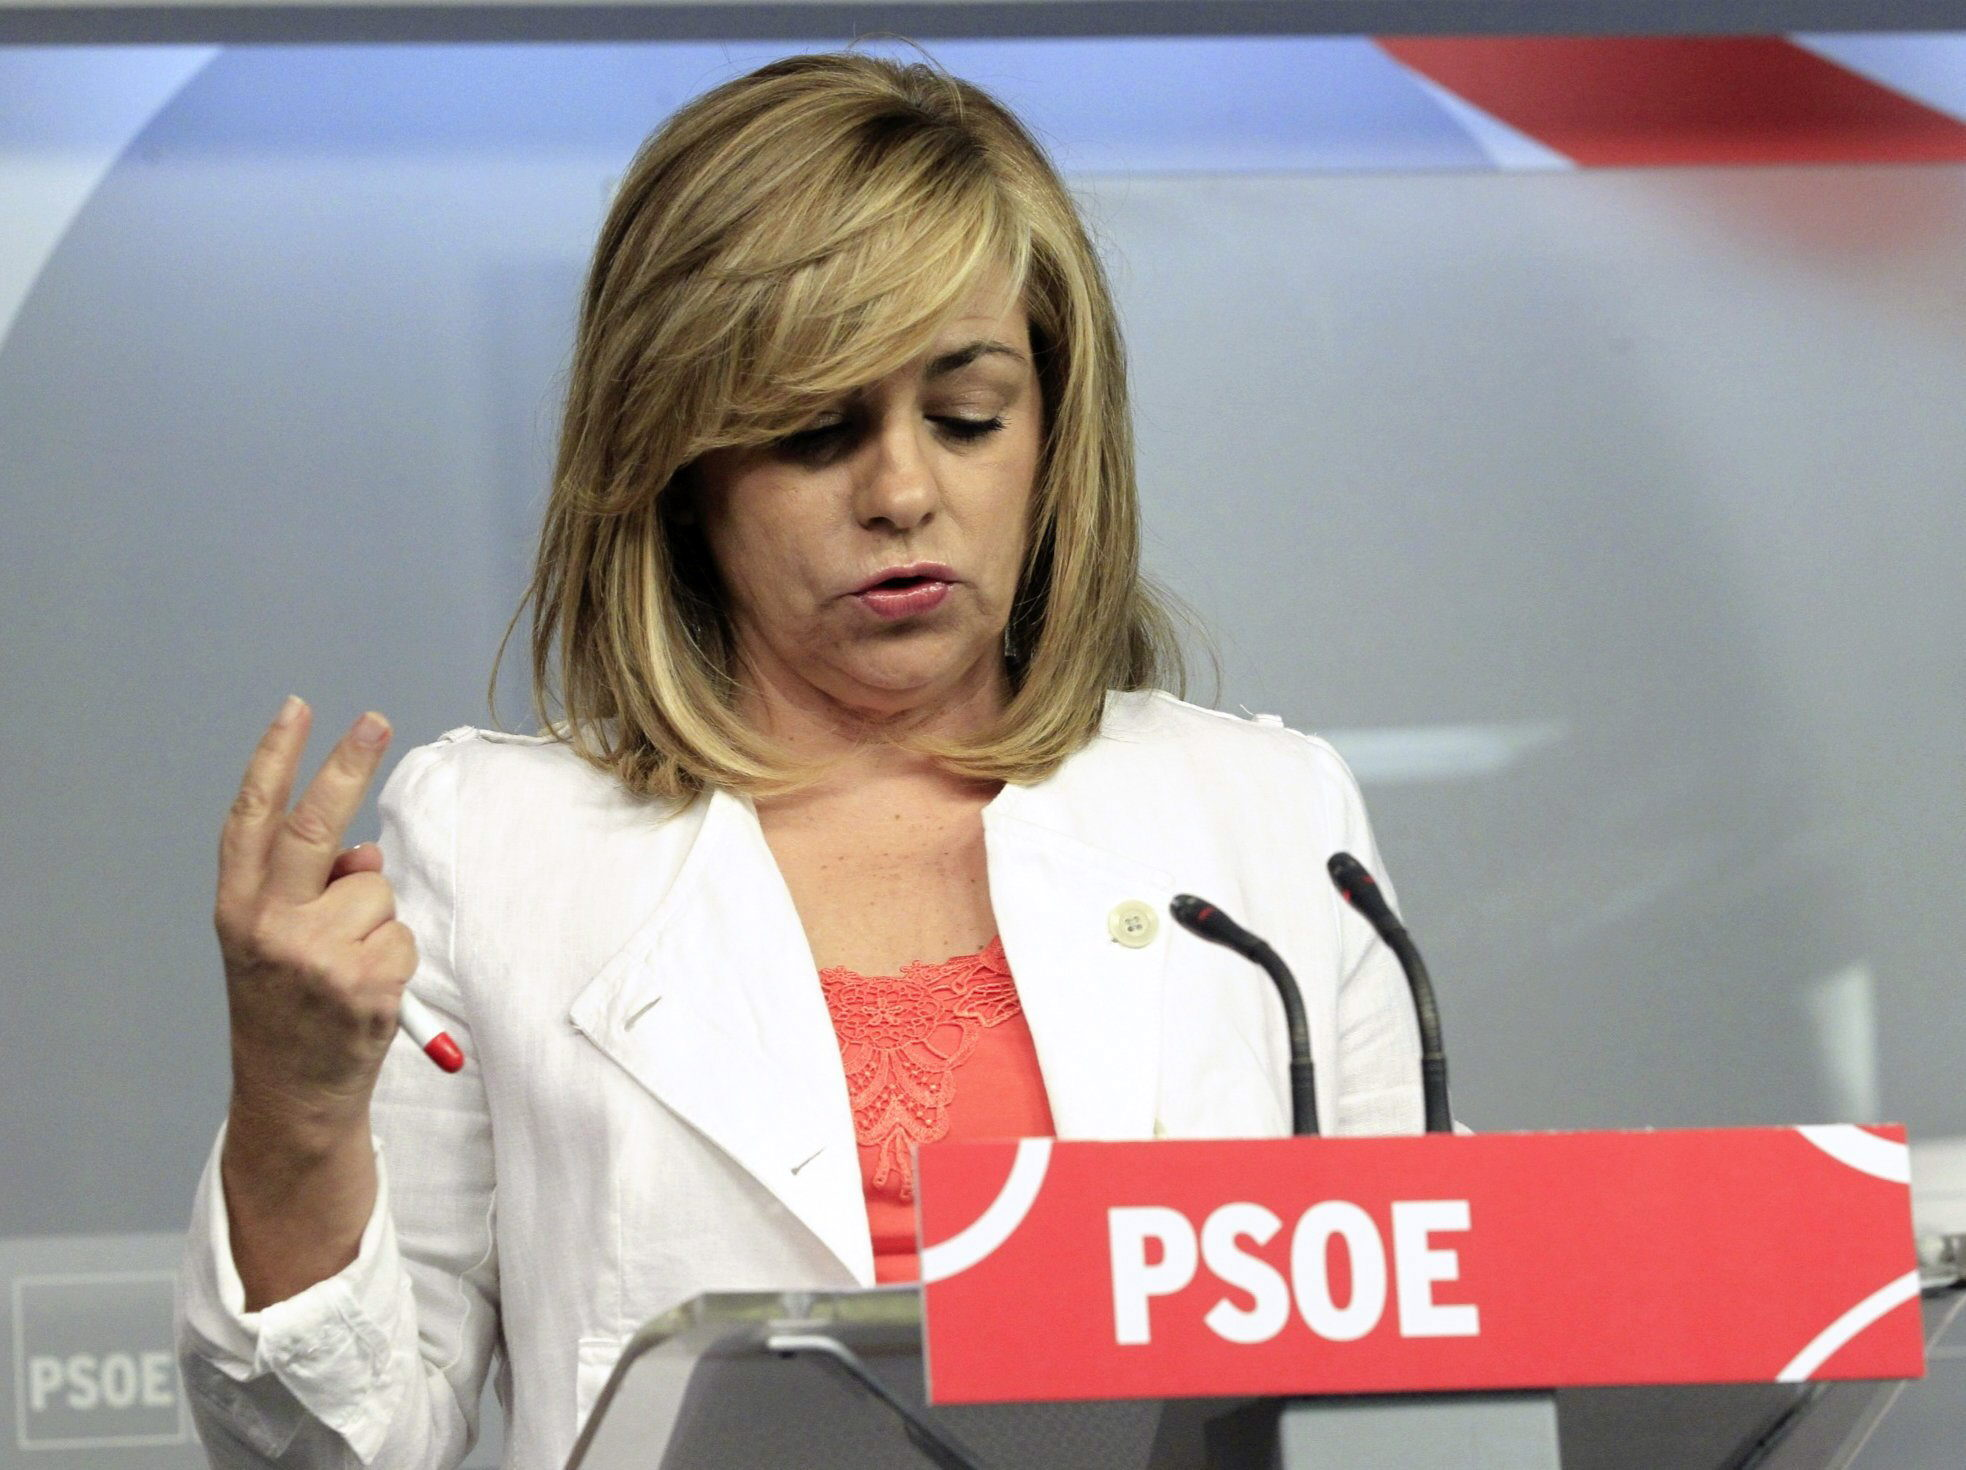 El PSOE presentará una proposición en el Congreso  para condenar al régimen sirio